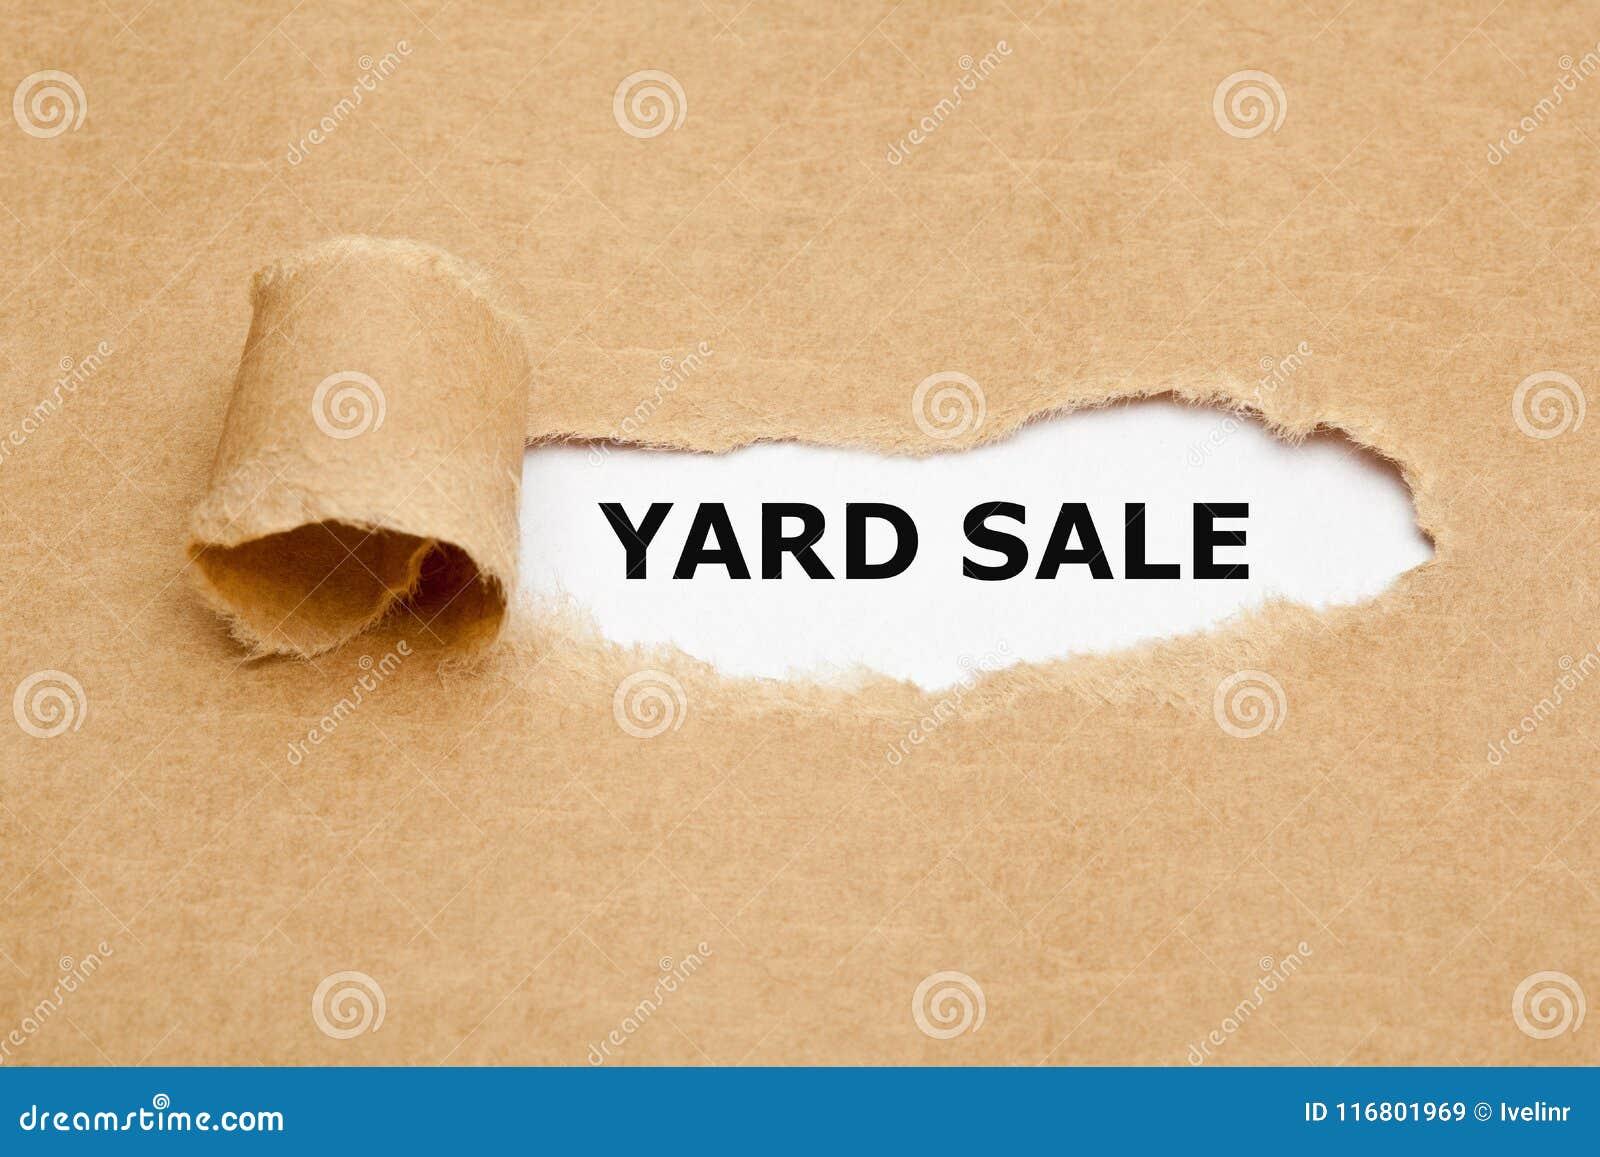 Concetto strappato vendita di oggetti usati della carta di Brown